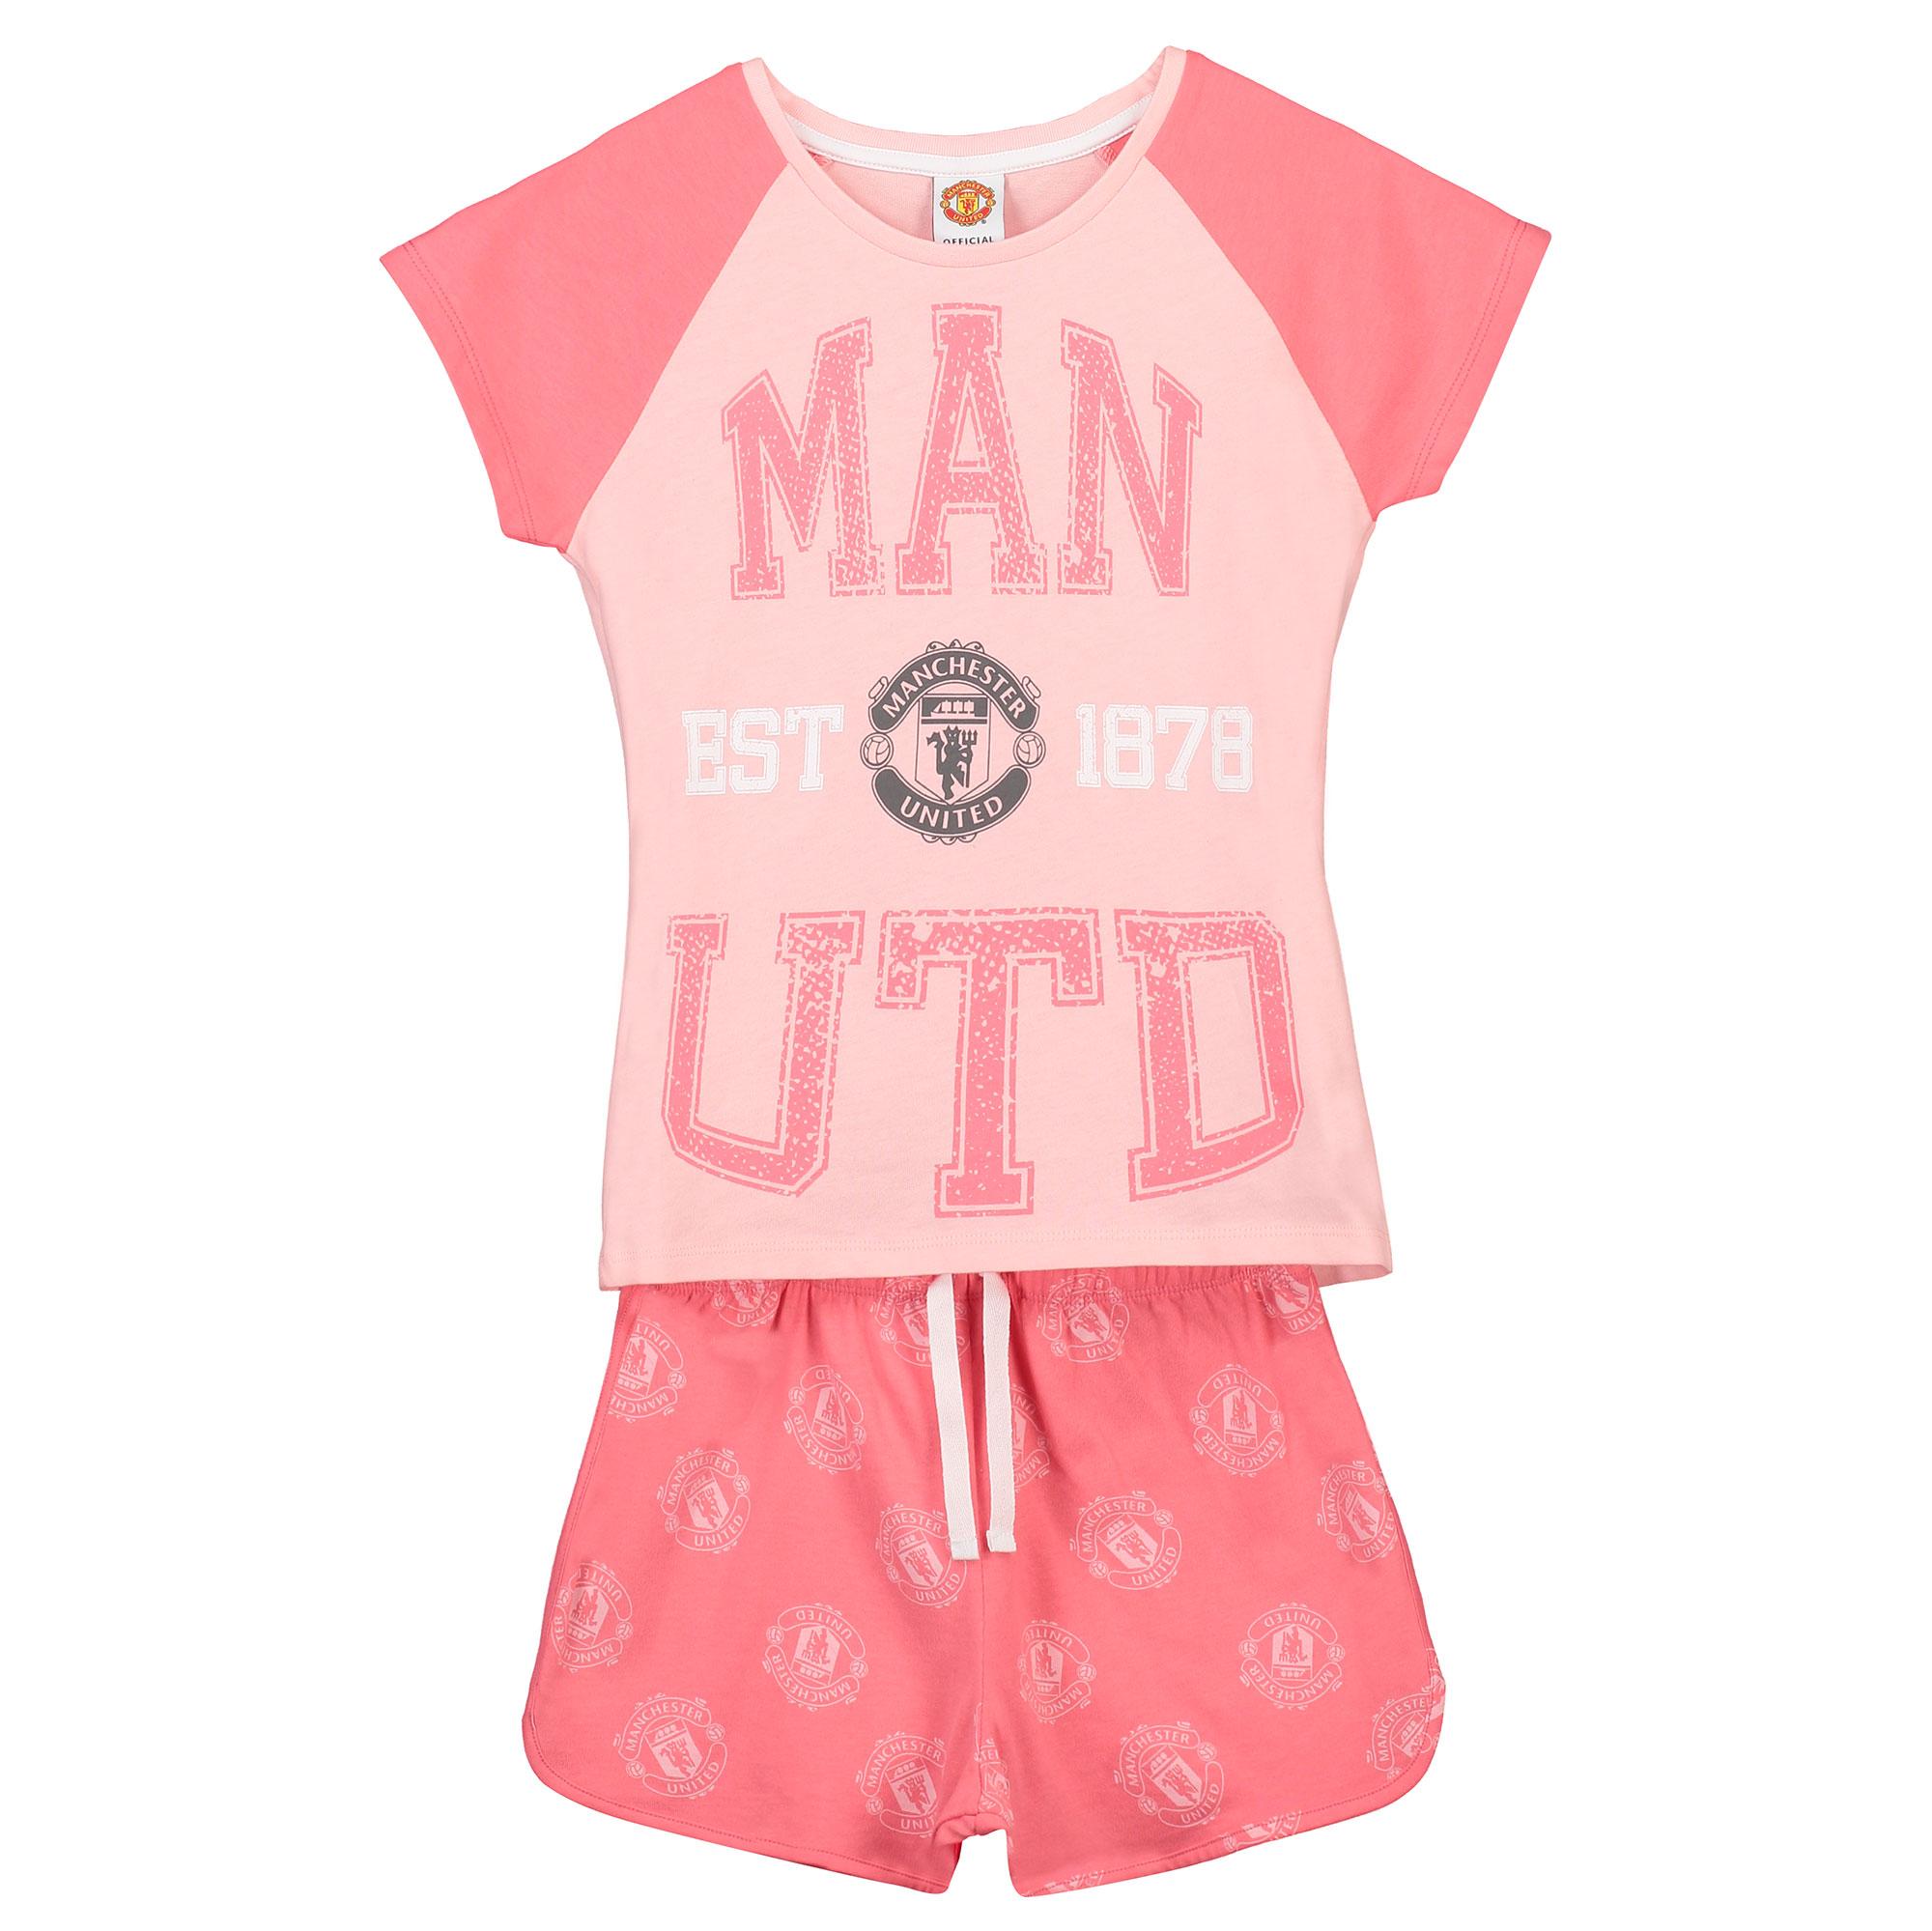 Pyjama avec short Manchester United Established 1878 - Rose - Fille